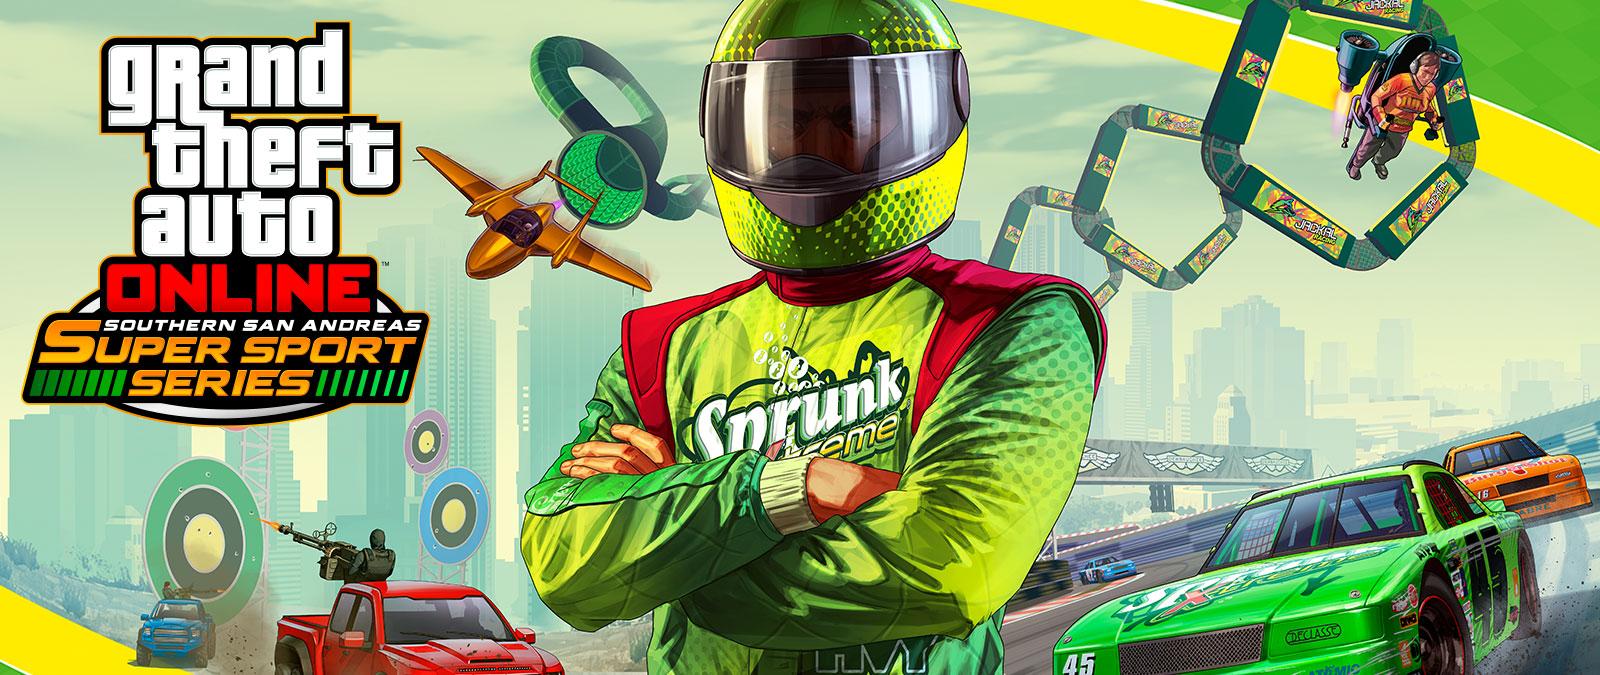 Grand Theft Auto Online Southern San Andreas Super Sports Series, Sprunk Racecar-chauffeur staat met gekruiste armen voor een groot aantal verschillende races.